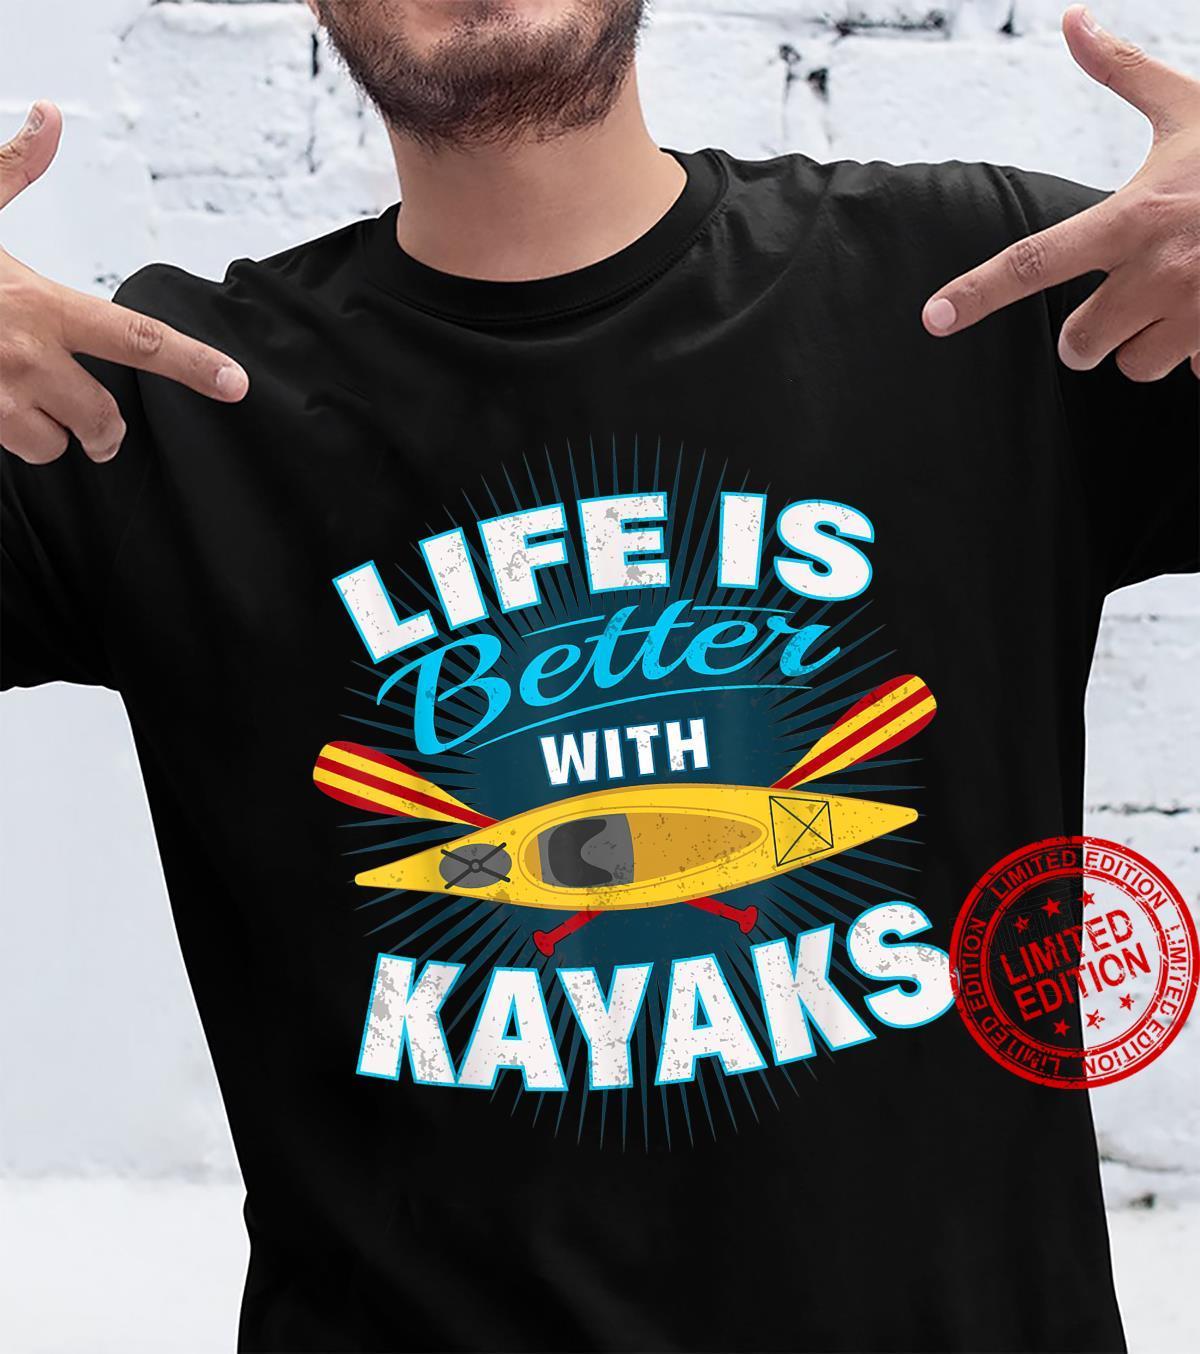 Funny Kayaking Shirts Kayaking Kayaking Shirt